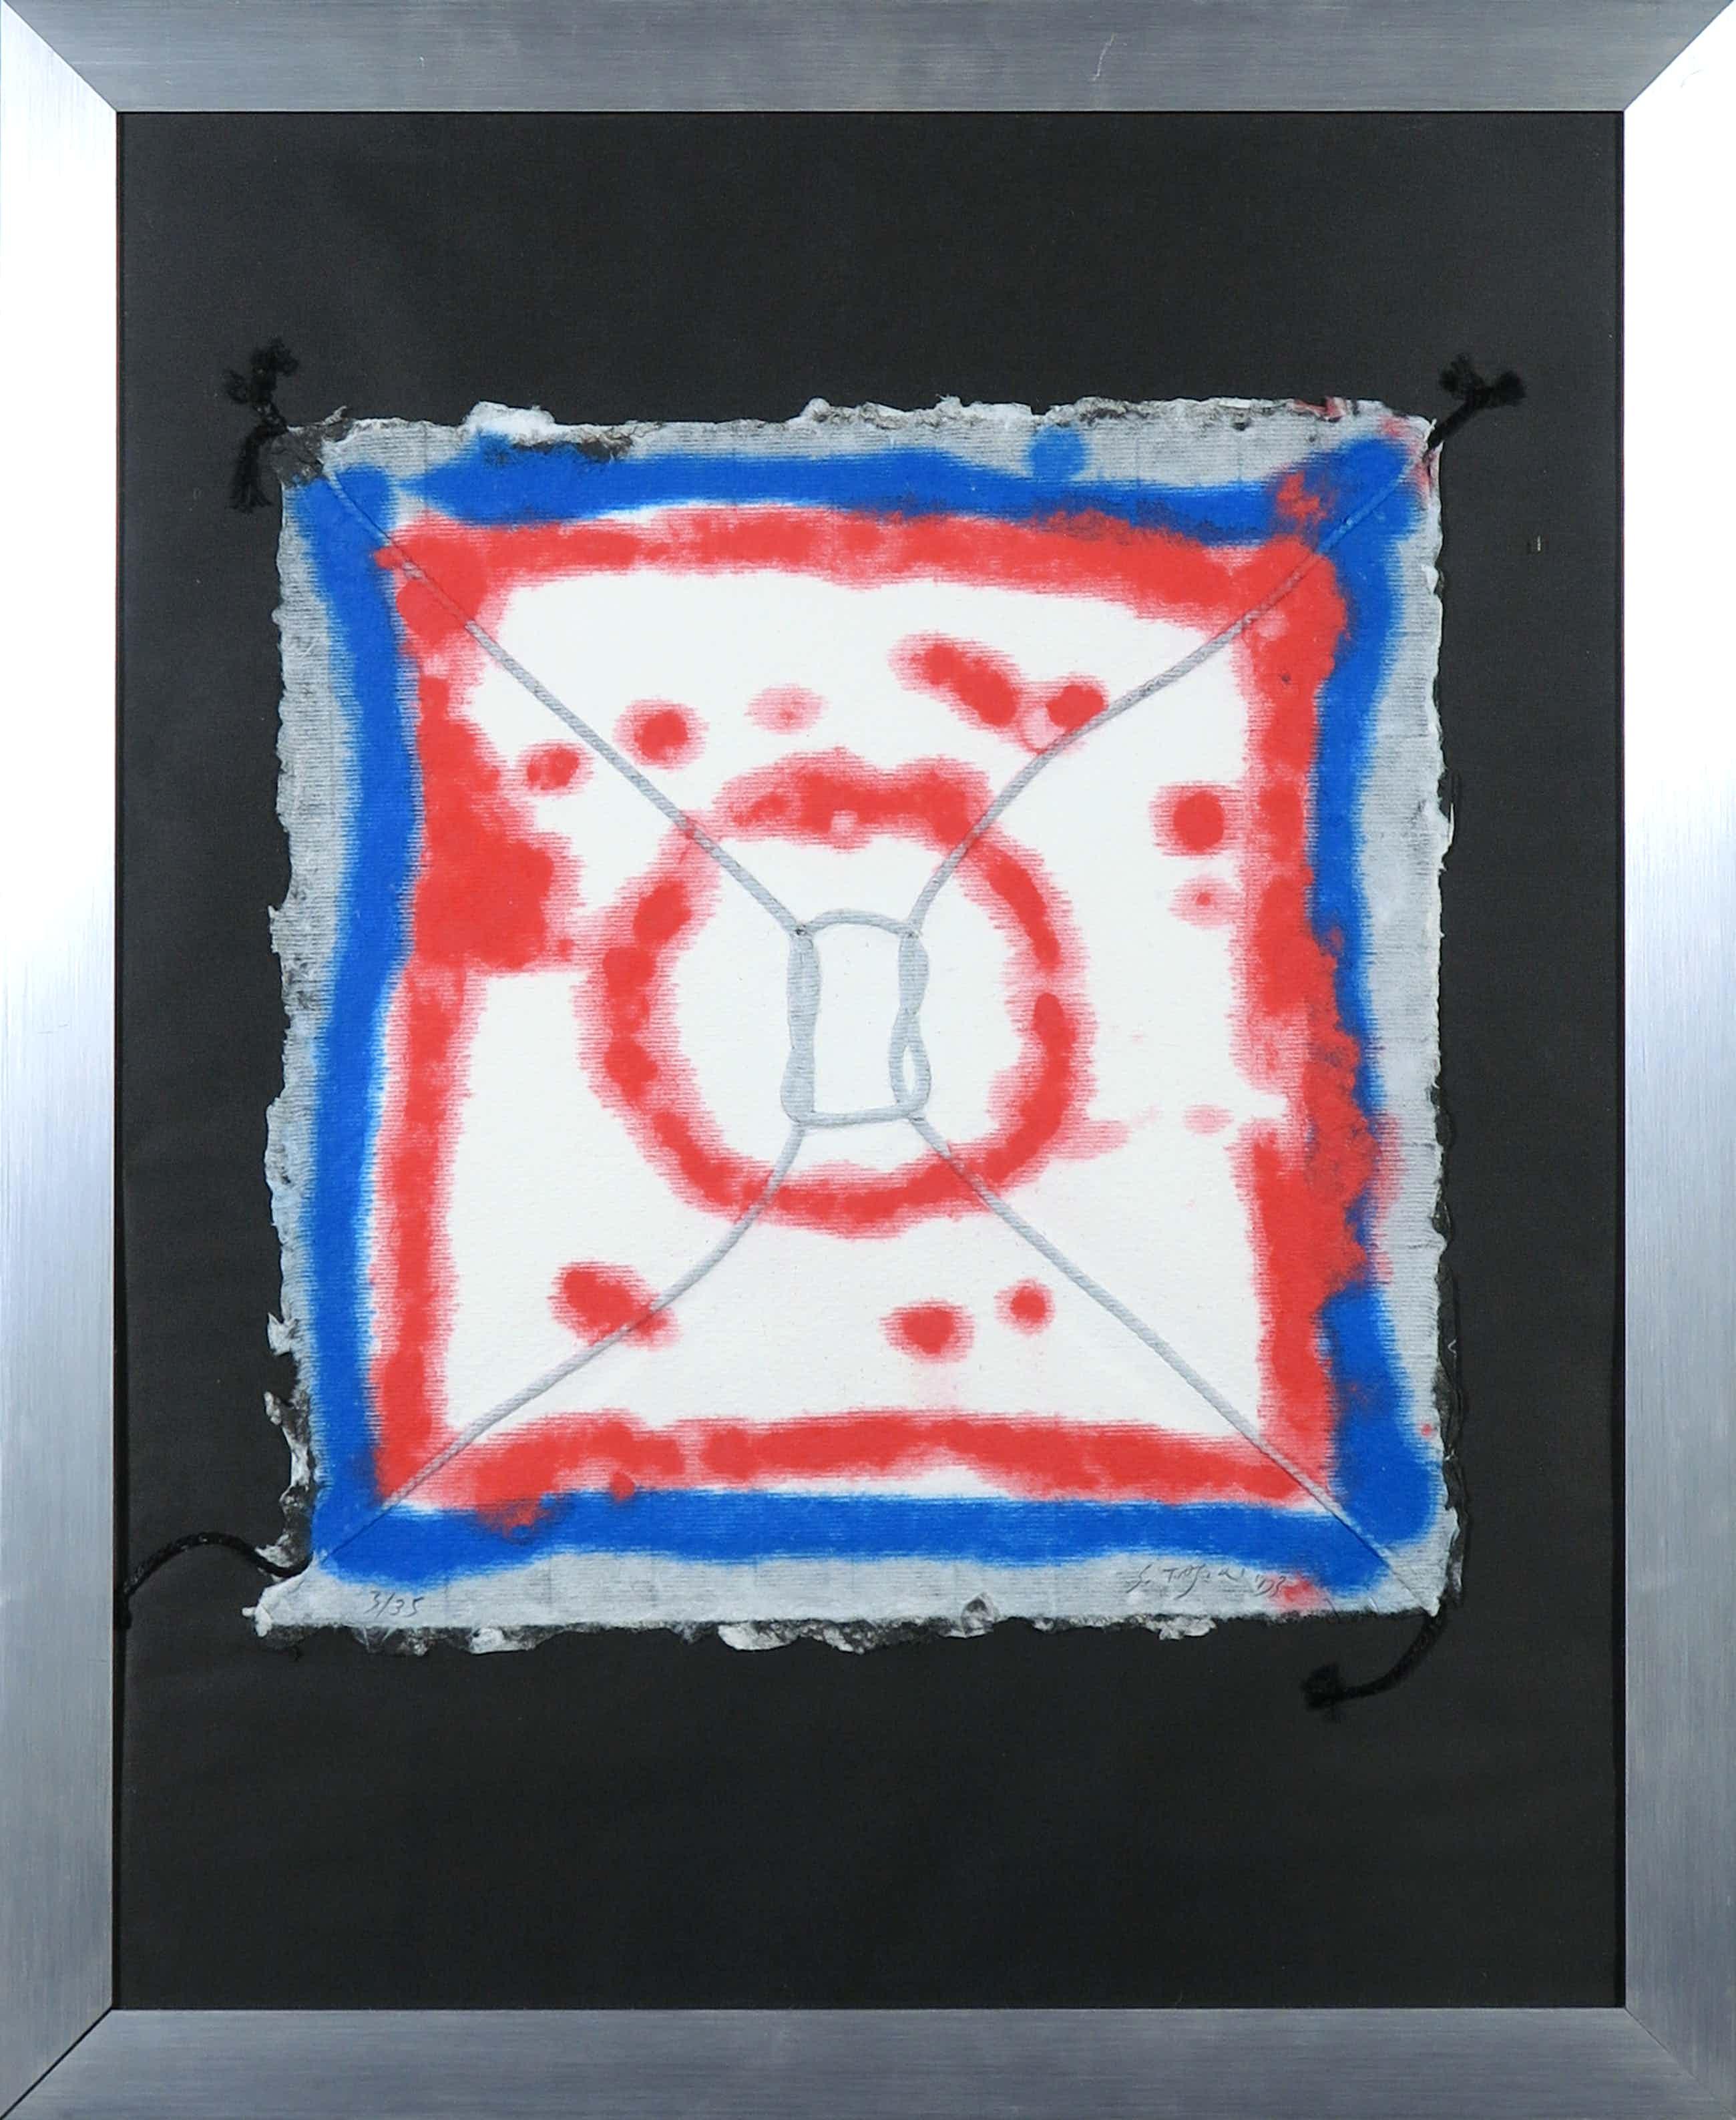 Shinkichi Tajiri - Aquagravure op geschept papier, Knoop - Ingelijst kopen? Bied vanaf 280!